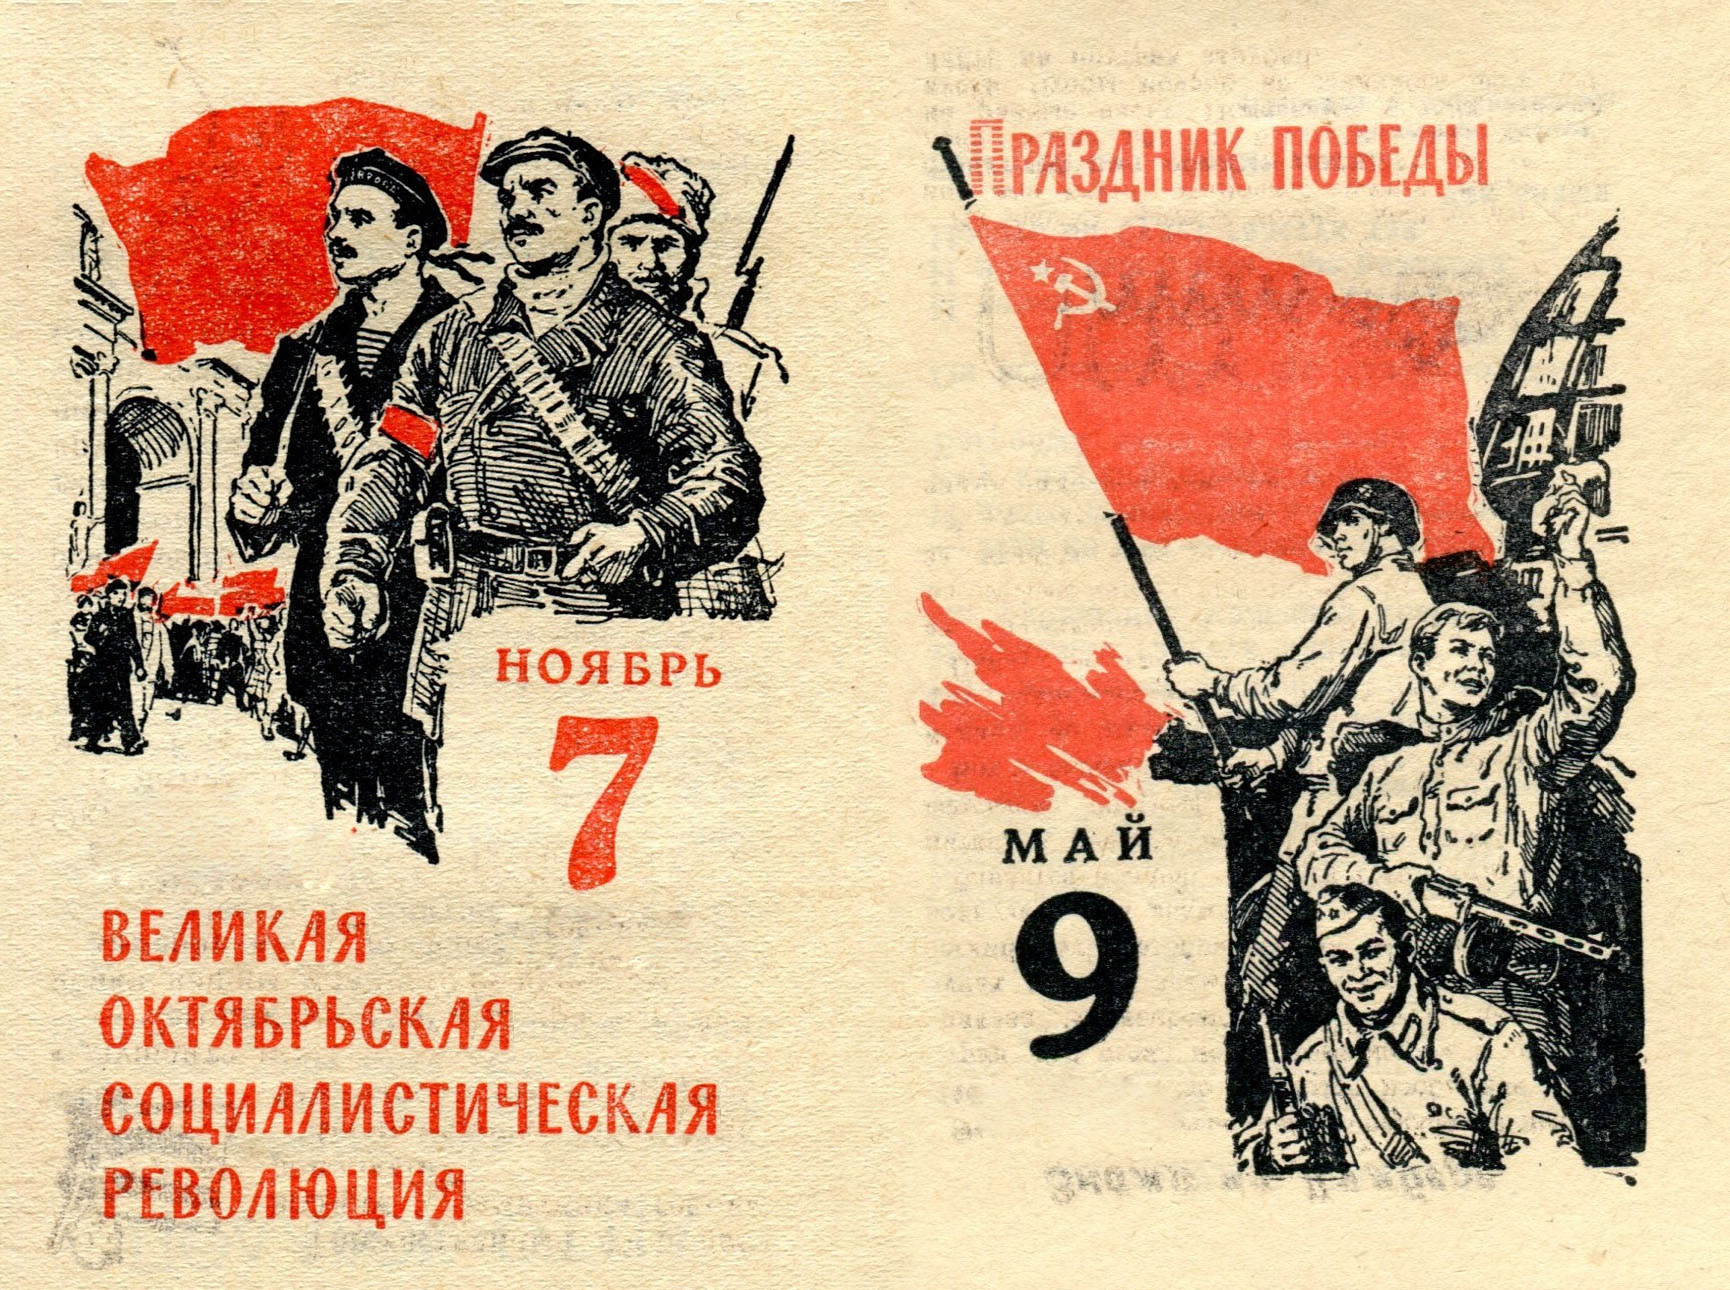 Октябрьская революция и Великая Отечественная были зря? Мы сдали все, что в них завоевали